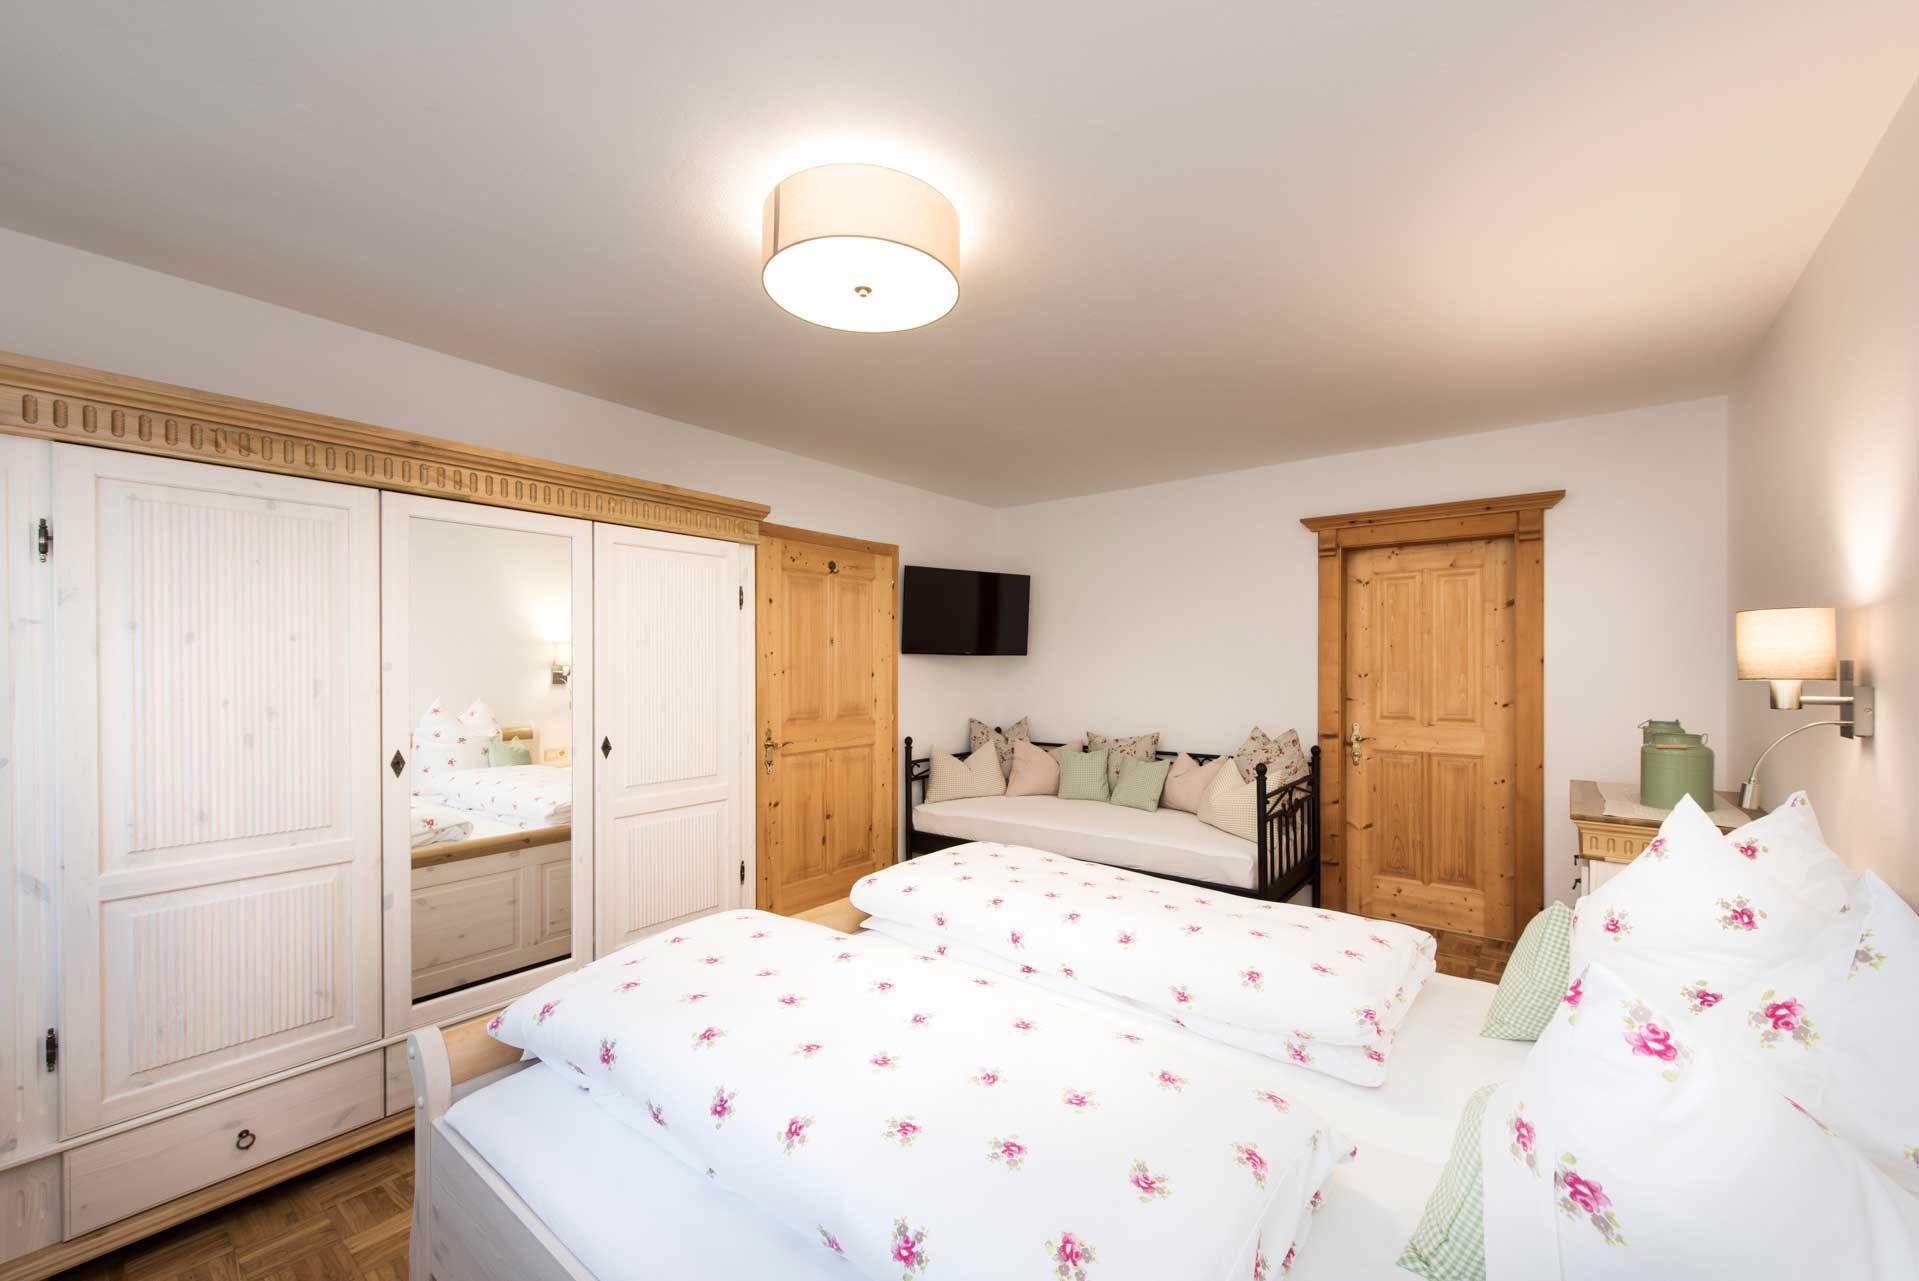 Ferienwohnung Siebenschläfer in Neustift im Stubaital - Schlafzimmer mit TV